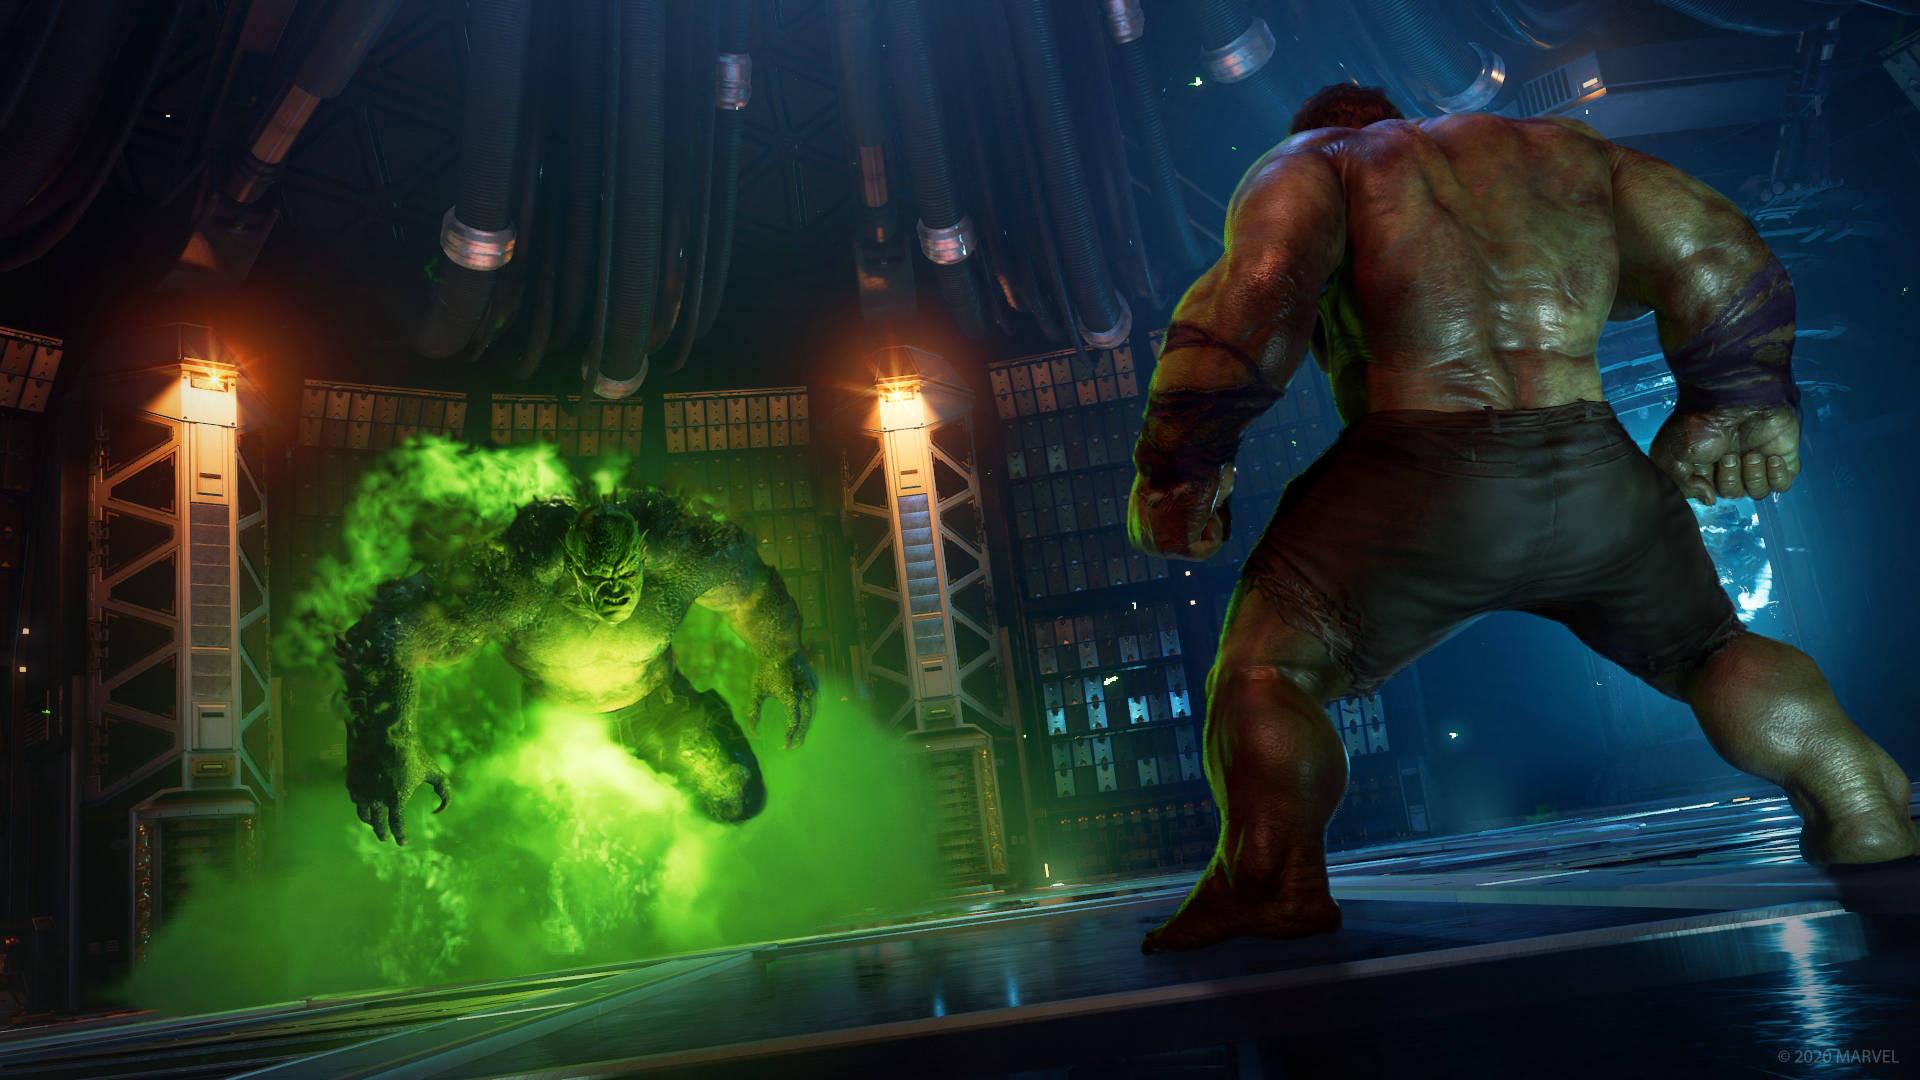 Marvels Avengers image 4